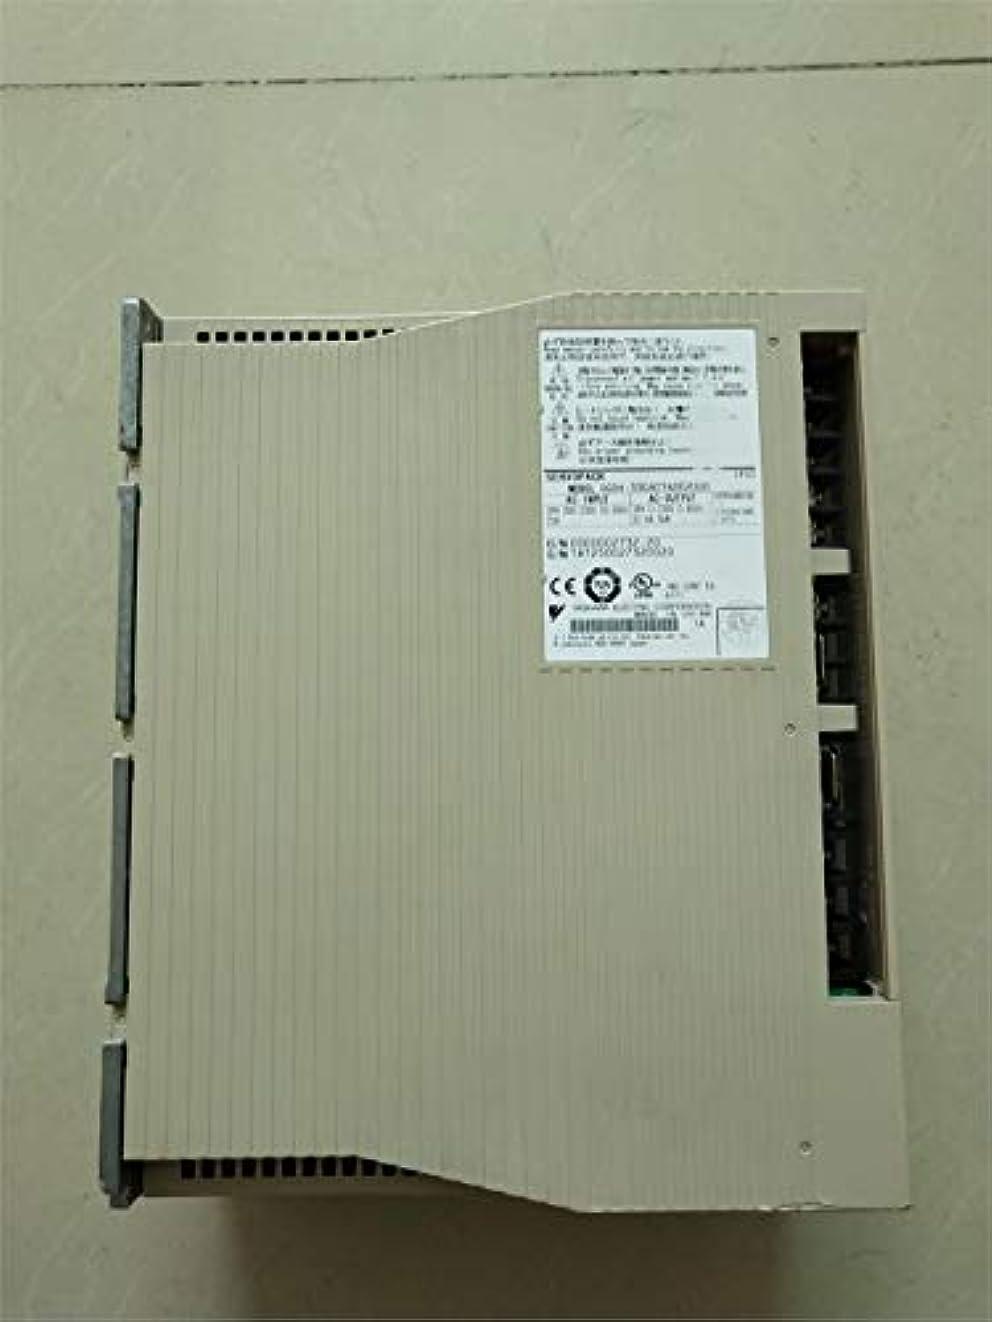 スライム繁殖振り返るSGDV-330A01A002000